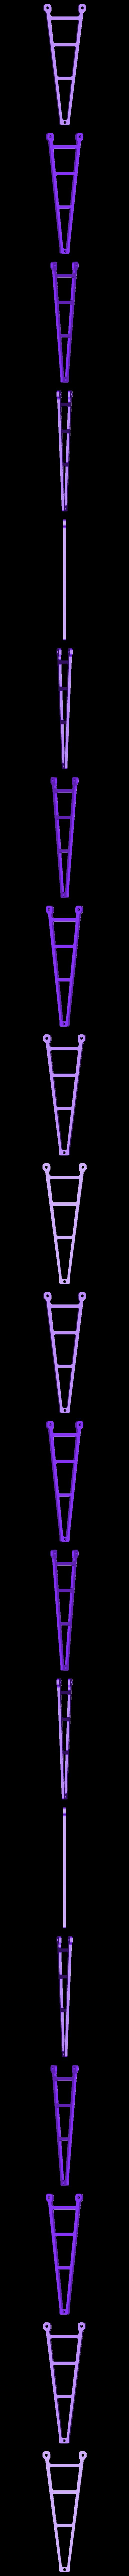 top_058.stl Télécharger fichier STL gratuit Micro quadrocoptère - Semi-conduits interchangeables - Châssis en Beecheese V11 • Modèle pour imprimante 3D, noctaro